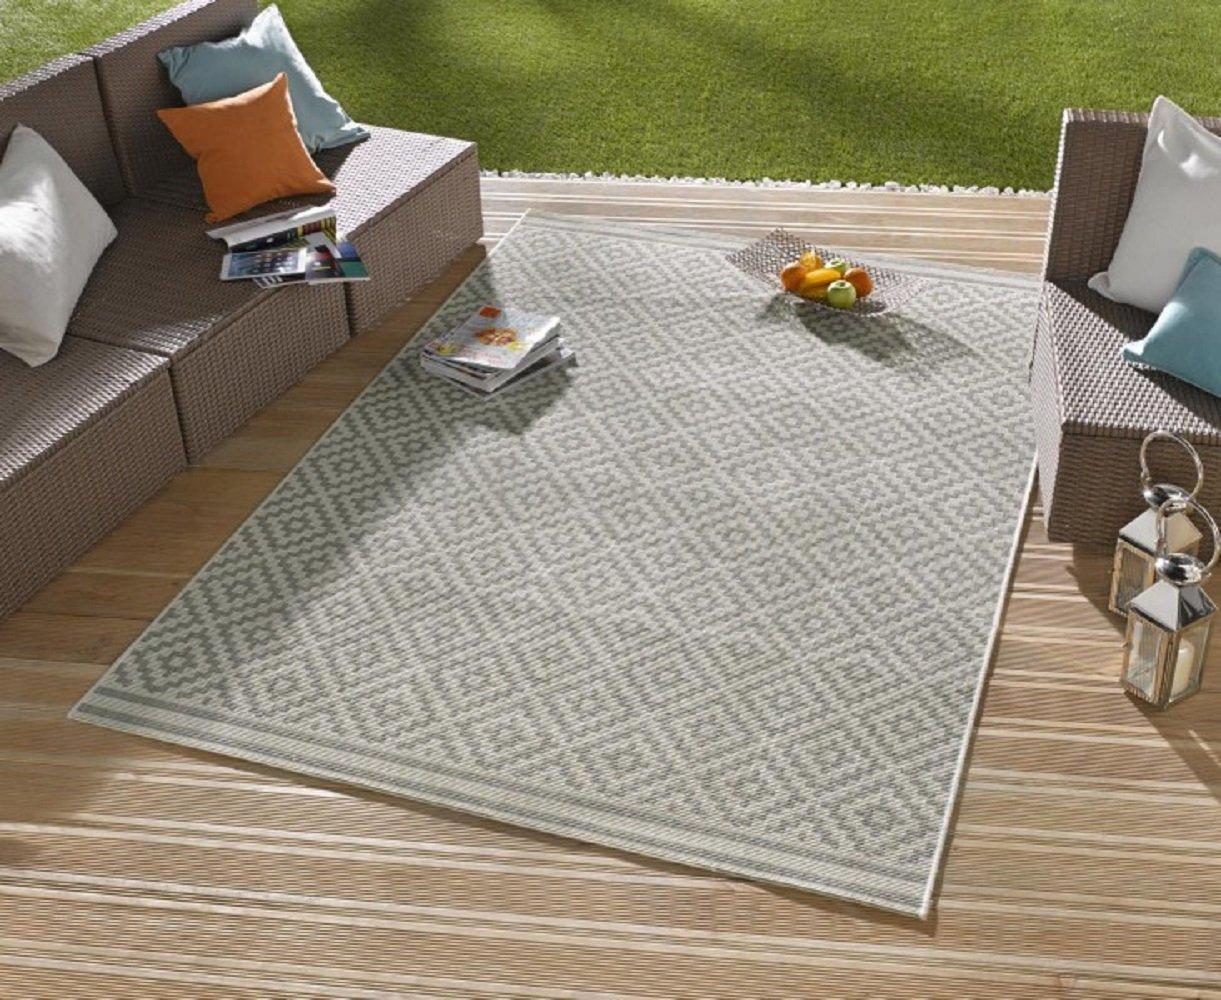 Teppich   moderner Teppich   Wohnzimmerteppich Outdoorteppich - für Balkon oder Terasse - für In und Outdor geeignet - der Hingucker zu Ihren Gartenmöbel - Raute Grau Creme - ca 160 x 230 cm